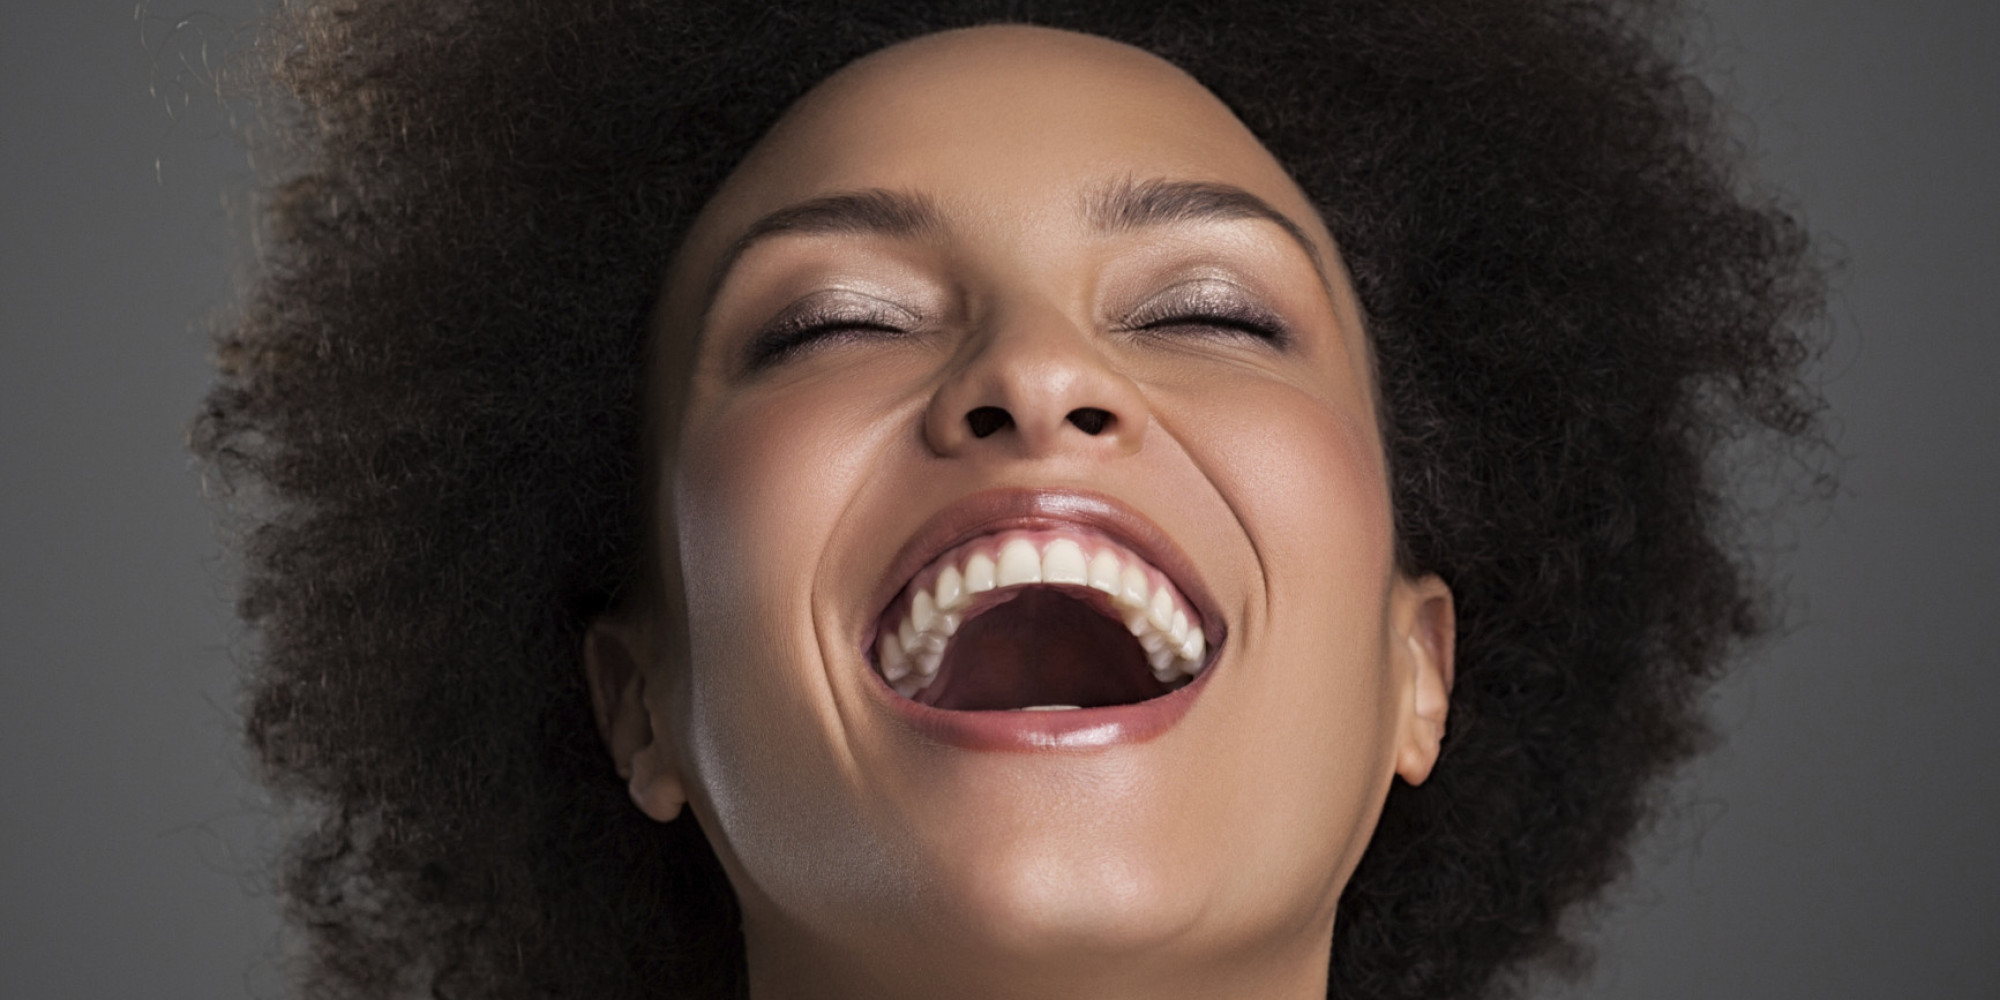 حكم مضحكة عن المراة